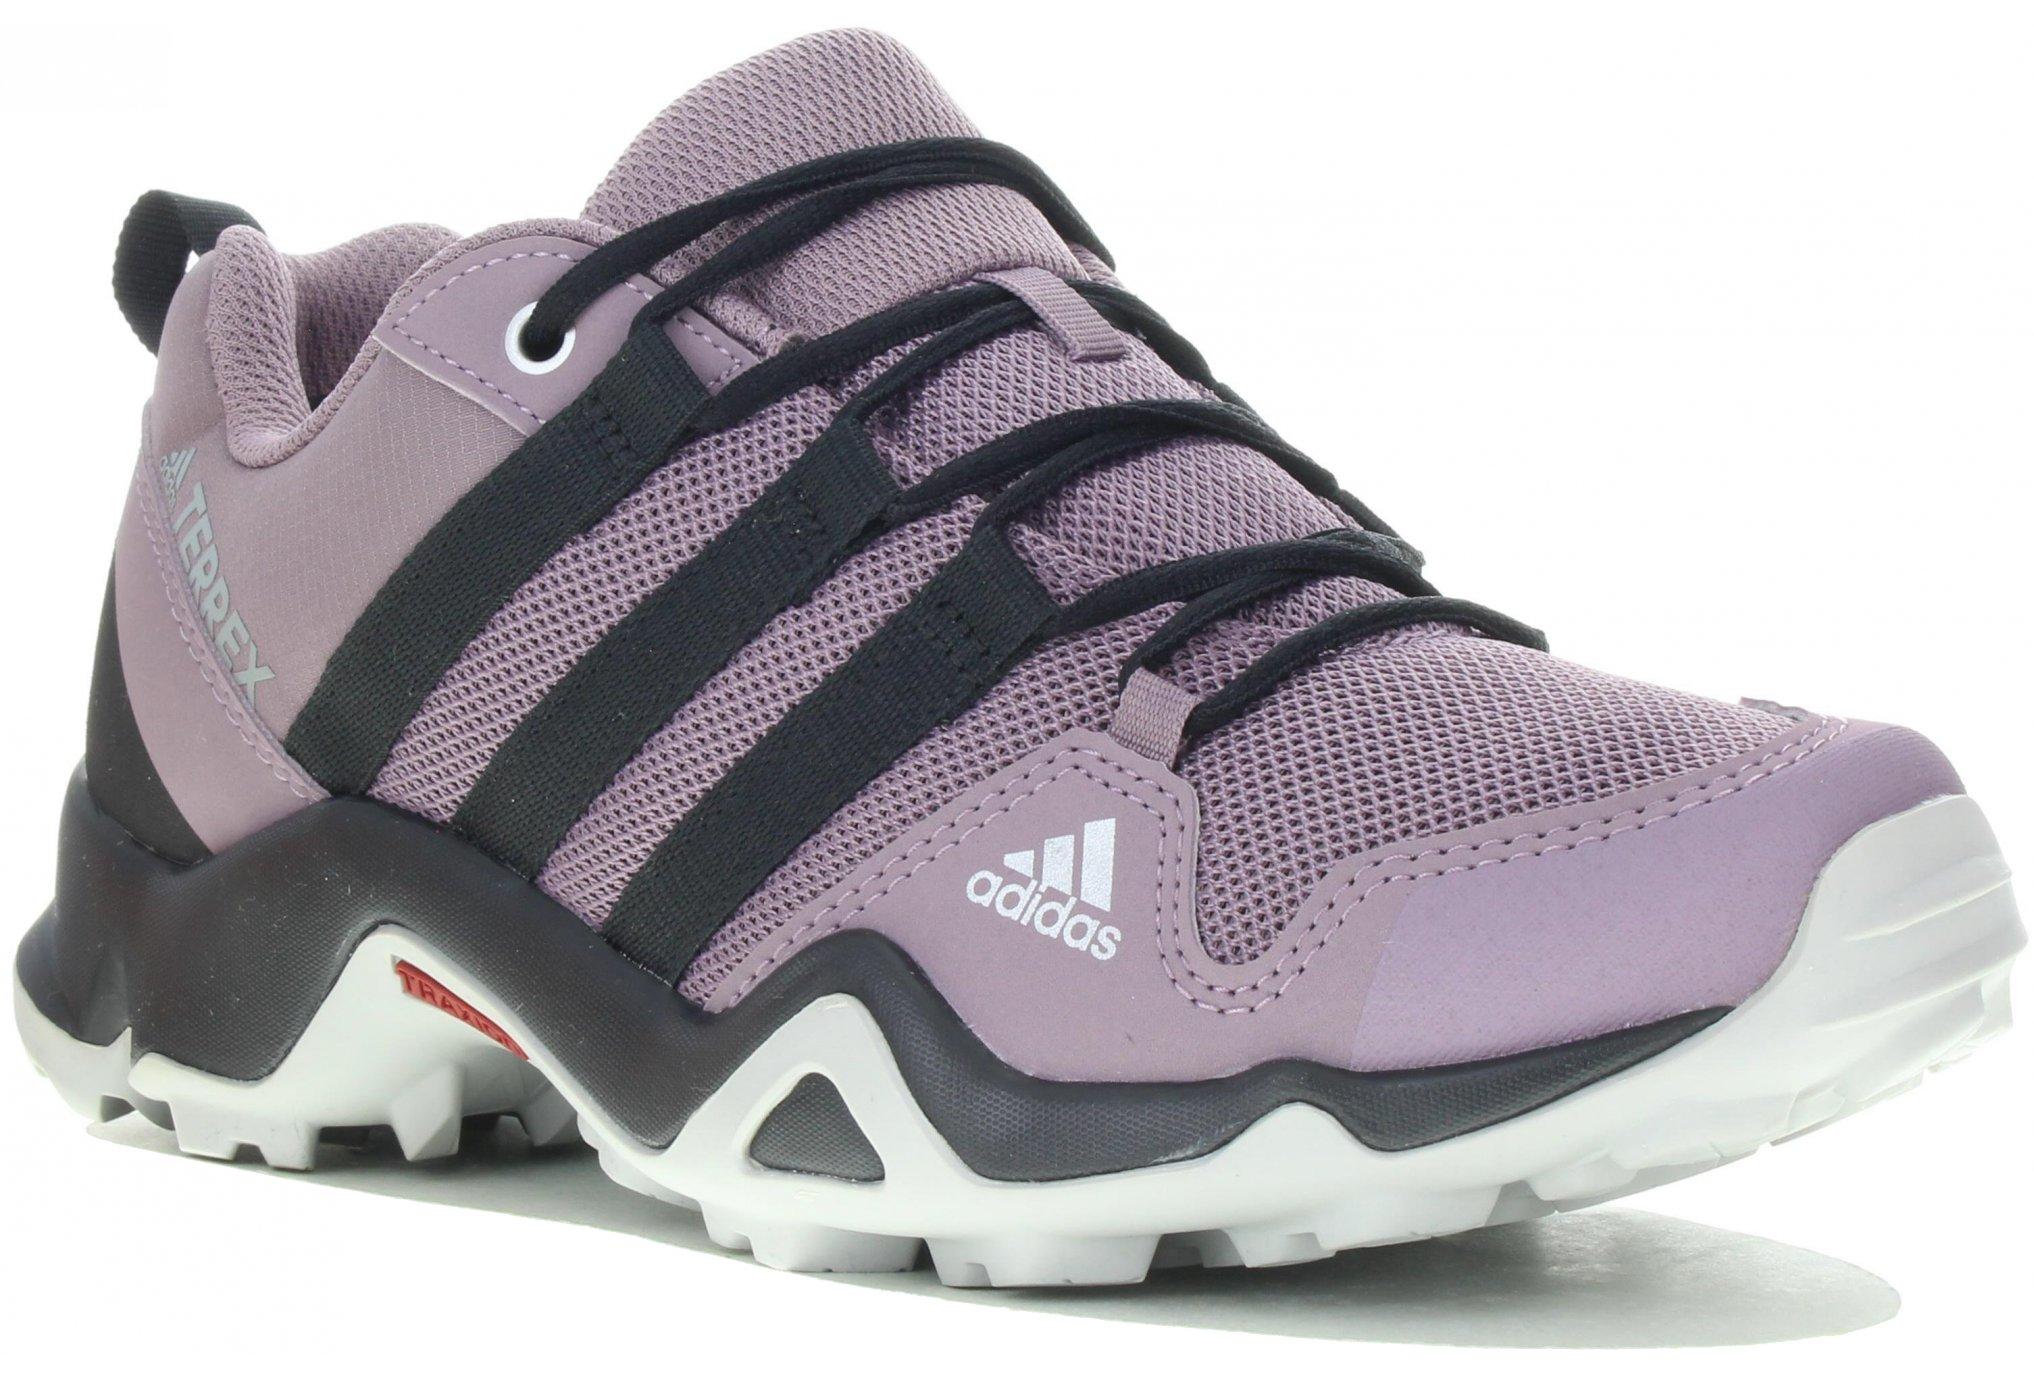 Retocar Coca afeitado  Adidas Terrex AX2R: Características - Zapatillas Running | Runnea